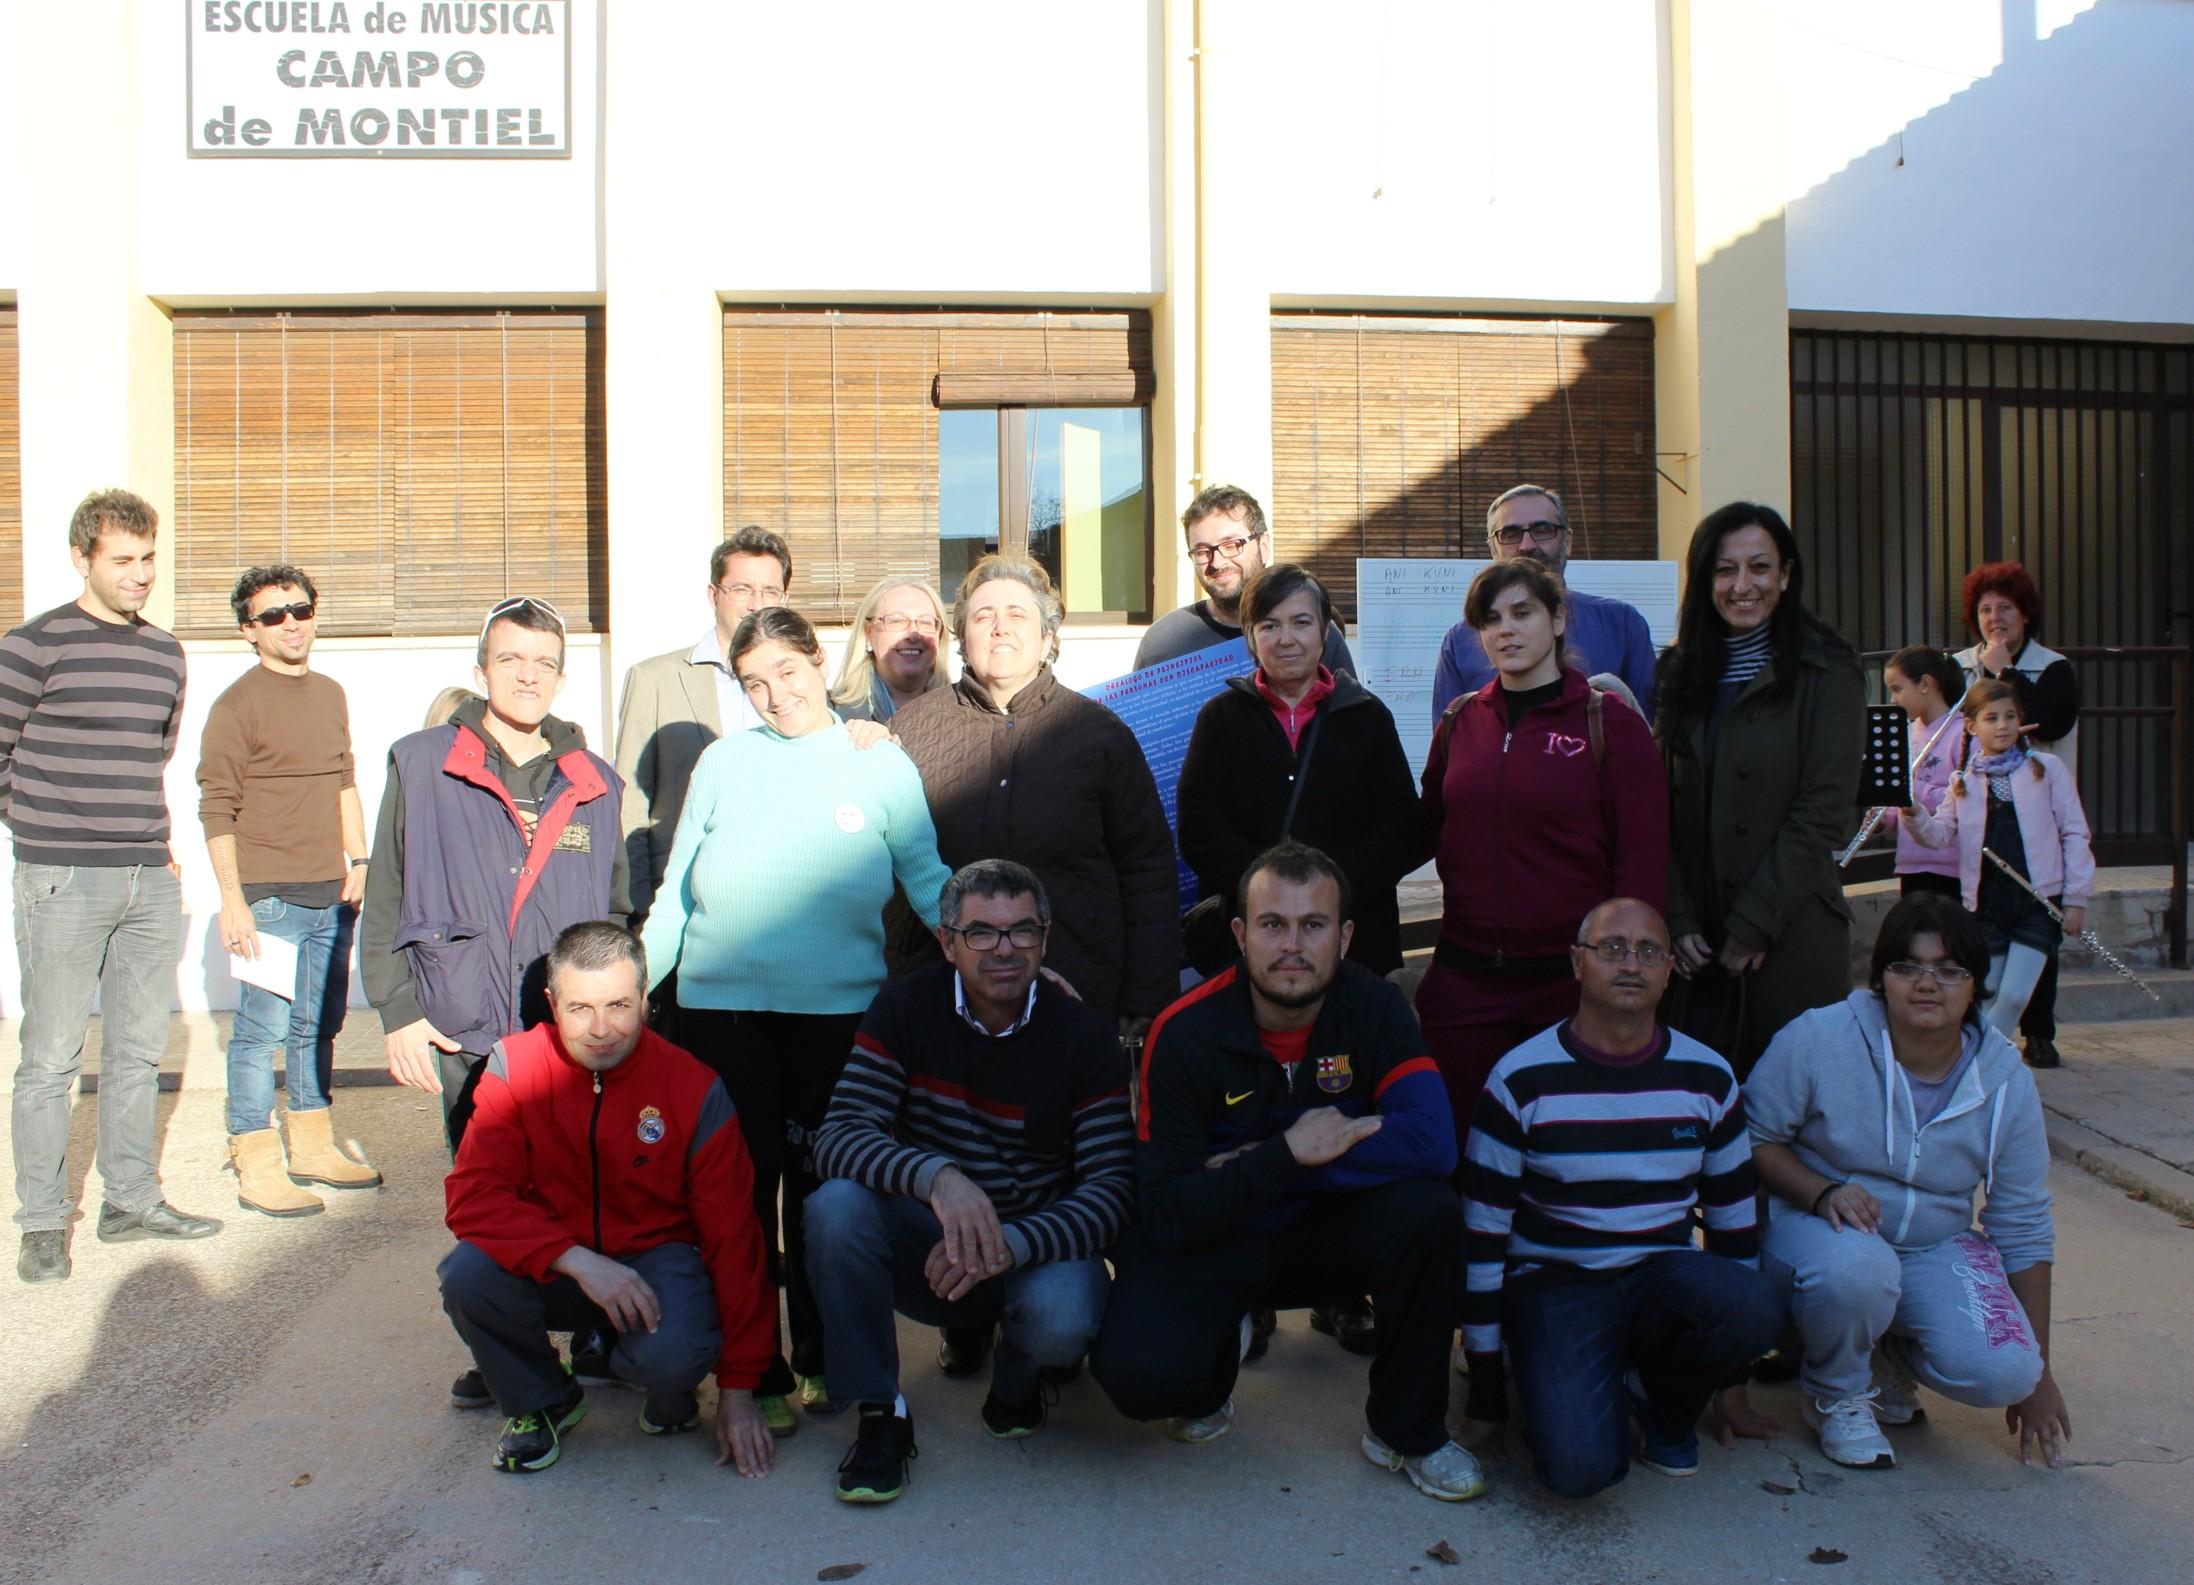 Laborvalía reconoce a la Escuela de Música Campo de Montiel por su apoyo a las personas con discapacidad